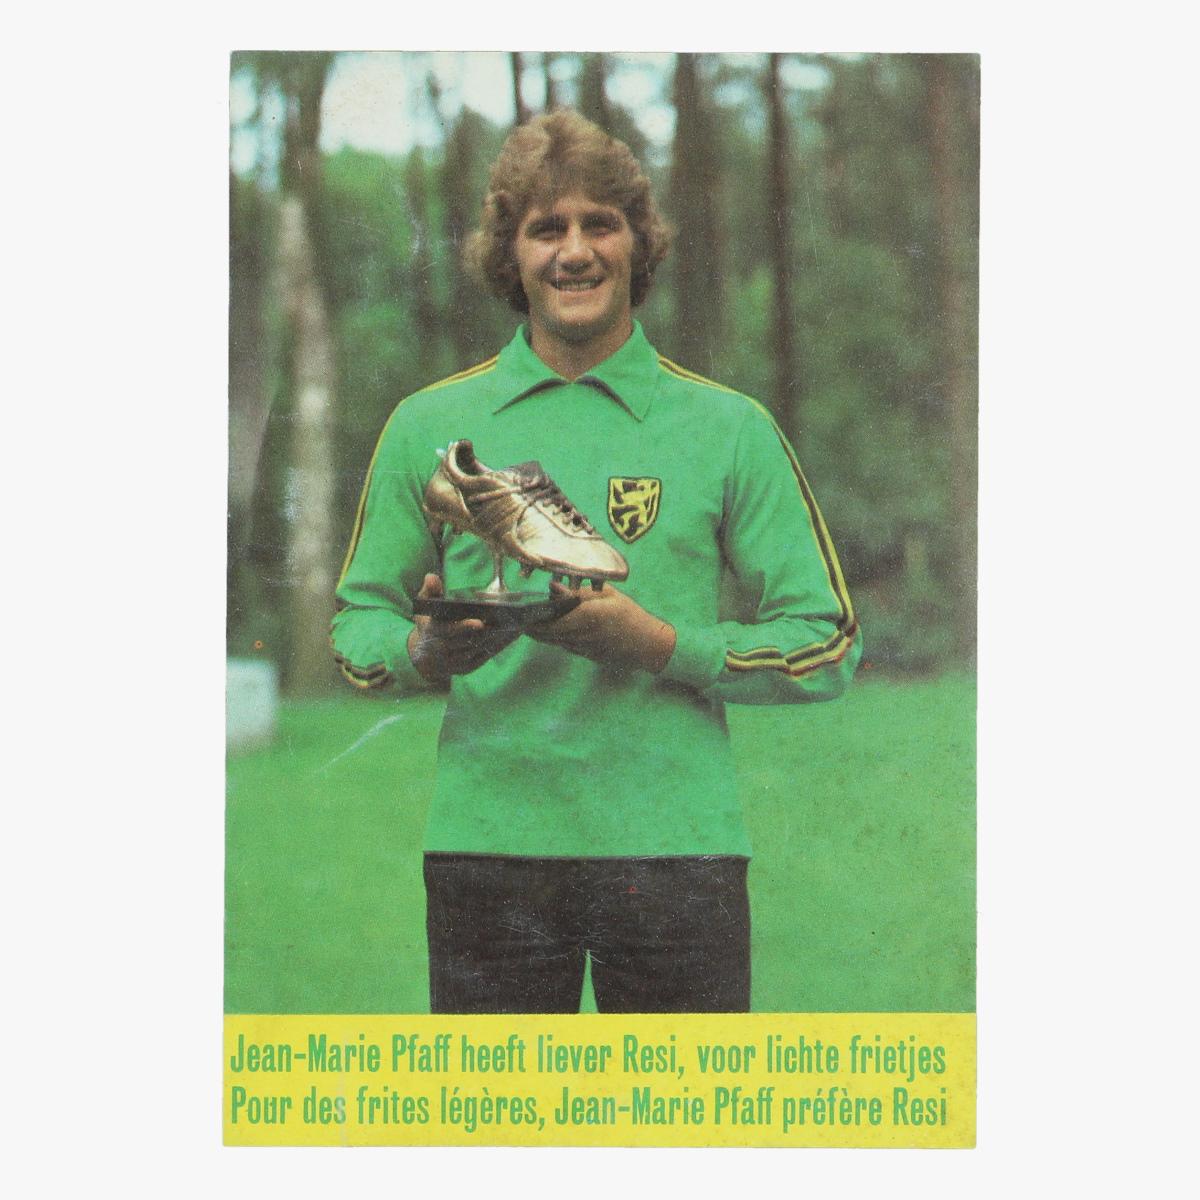 Afbeeldingen van sticker jean-marie pfaff gouden schoen - reclame resi frietvet